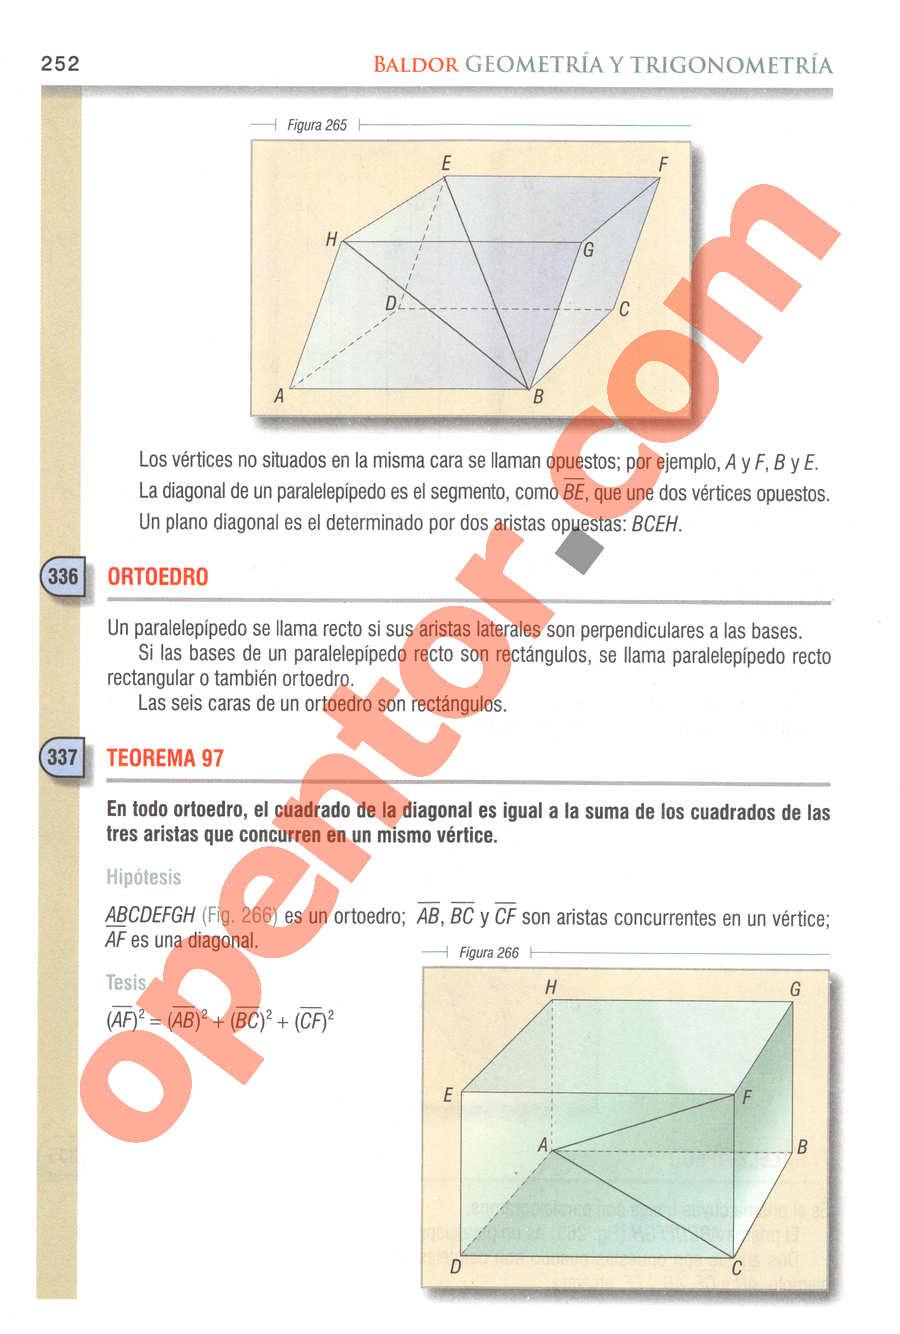 Geometría y Trigonometría de Baldor - Página 252